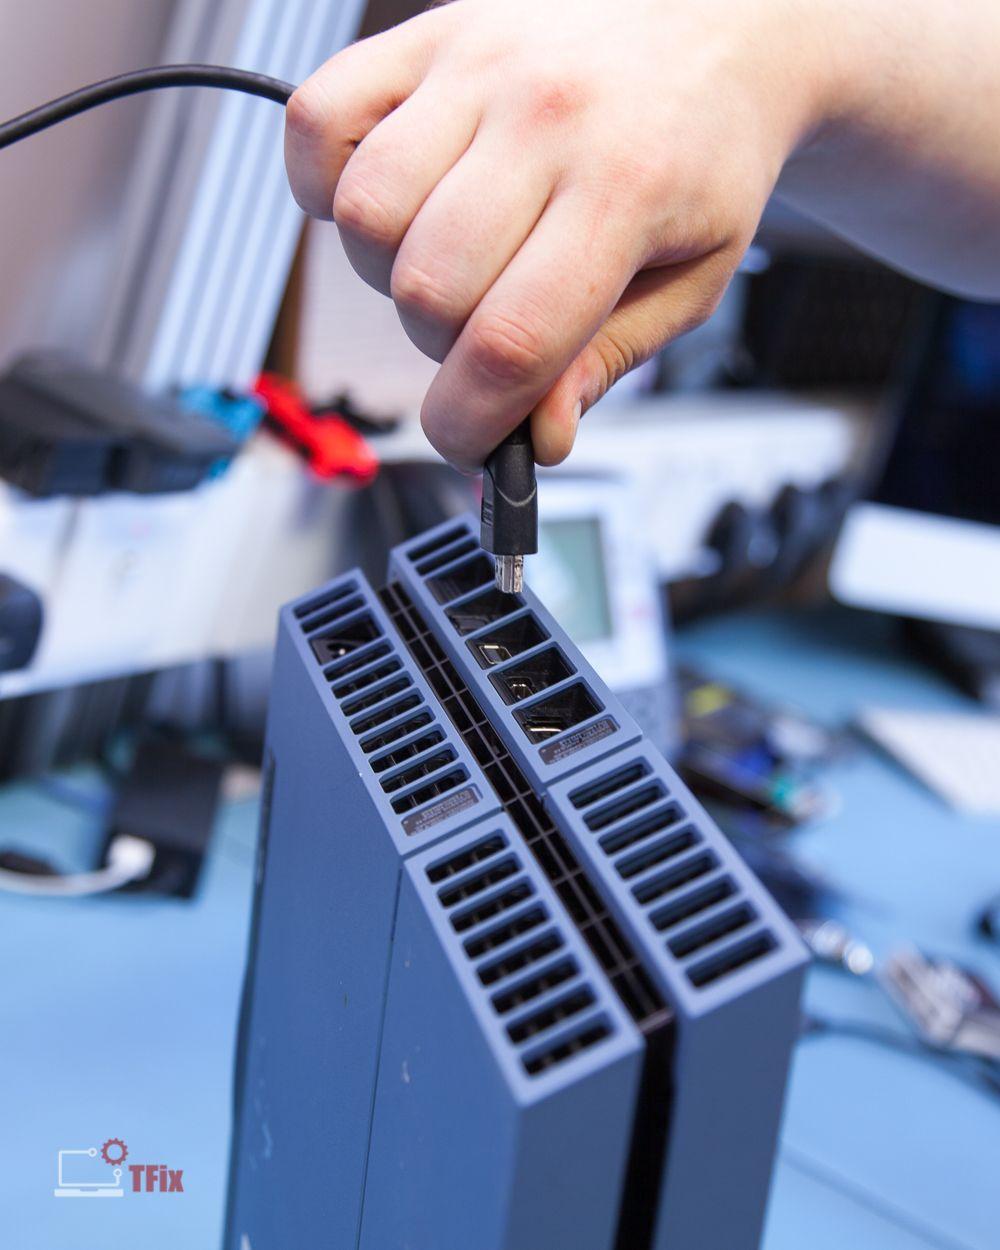 Playstation 4 HDMI Port Repair #Playstation4 #Playstation